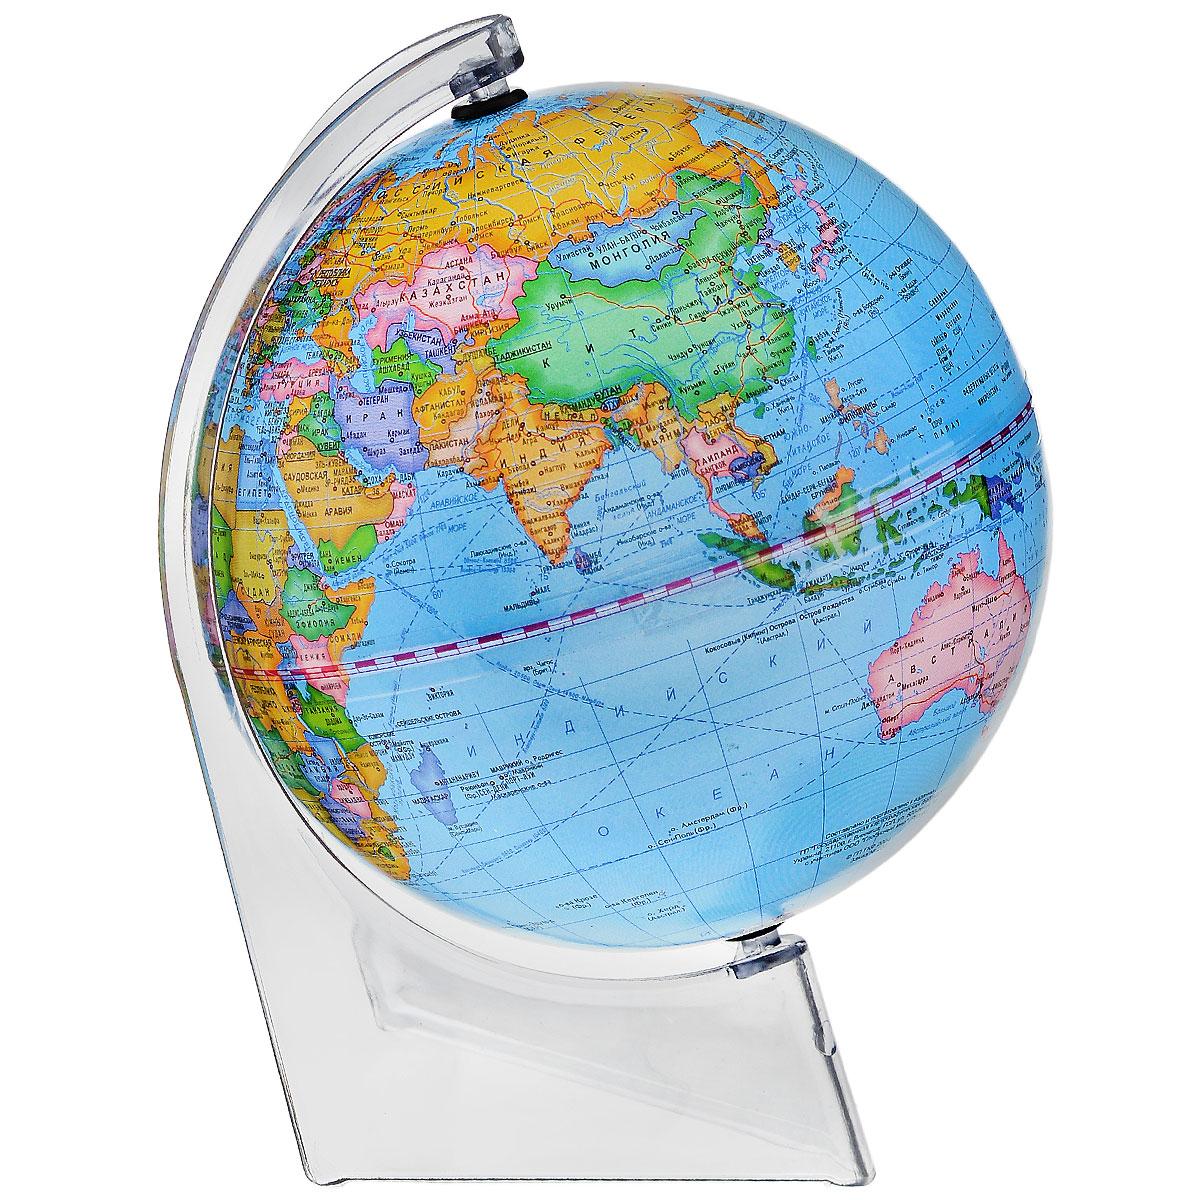 Глобусный мир Глобус с политической картой мира, диаметр 15 см10250Глобус Глобусный мир, с политической картой мира, изготовленный из высококачественного прочного пластика, показывает страны мира, сухопутные и морские границы того или иного государства, расположение городов и населенных пунктов. Изделие расположено на треугольной прозрачной подставке. На глобусе отображены картографические линии: параллели и меридианы, а также градусы и условные обозначения. Все страны мира раскрашены в разные цвета. Глобус с политической картой мира станет незаменимым атрибутом обучения не только школьника, но и студента. Названия стран на глобусе приведены на русской язык. Настольный глобус Глобусный мир станет оригинальным украшением рабочего стола или вашего кабинета. Это изысканная вещь для стильного интерьера, которая станет прекрасным подарком для современного преуспевающего человека, следующего последним тенденциям моды и стремящегося к элегантности и комфорту в каждой детали. Масштаб: 1:84 000 000.